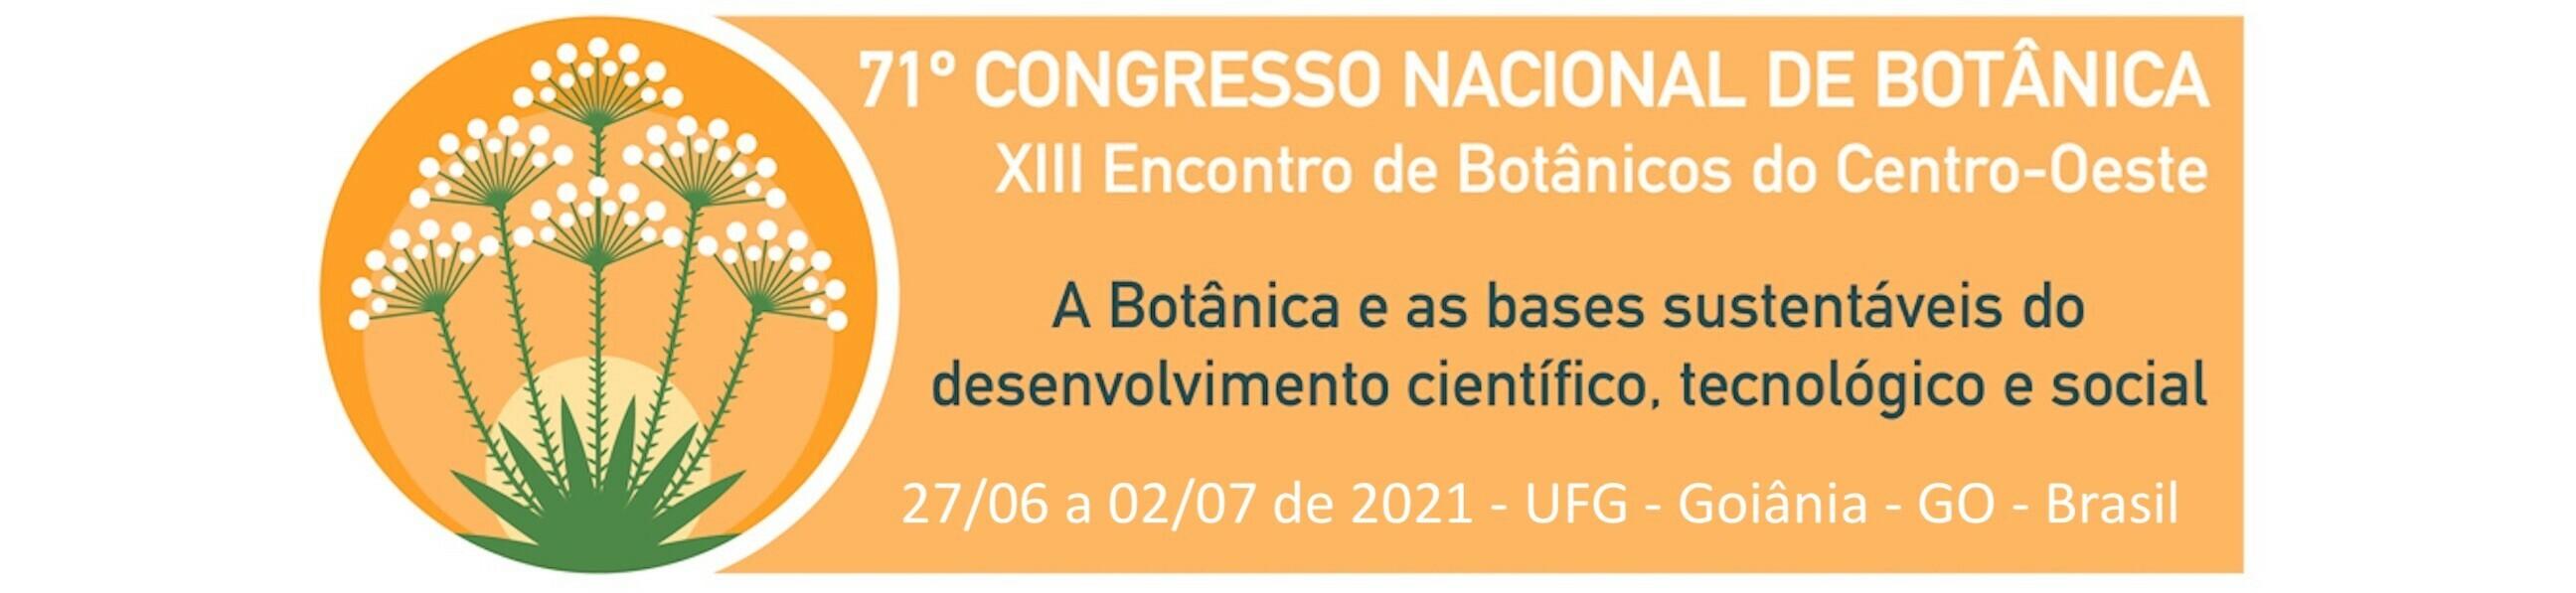 Banner - Congresso Nacional de Botânica 2021